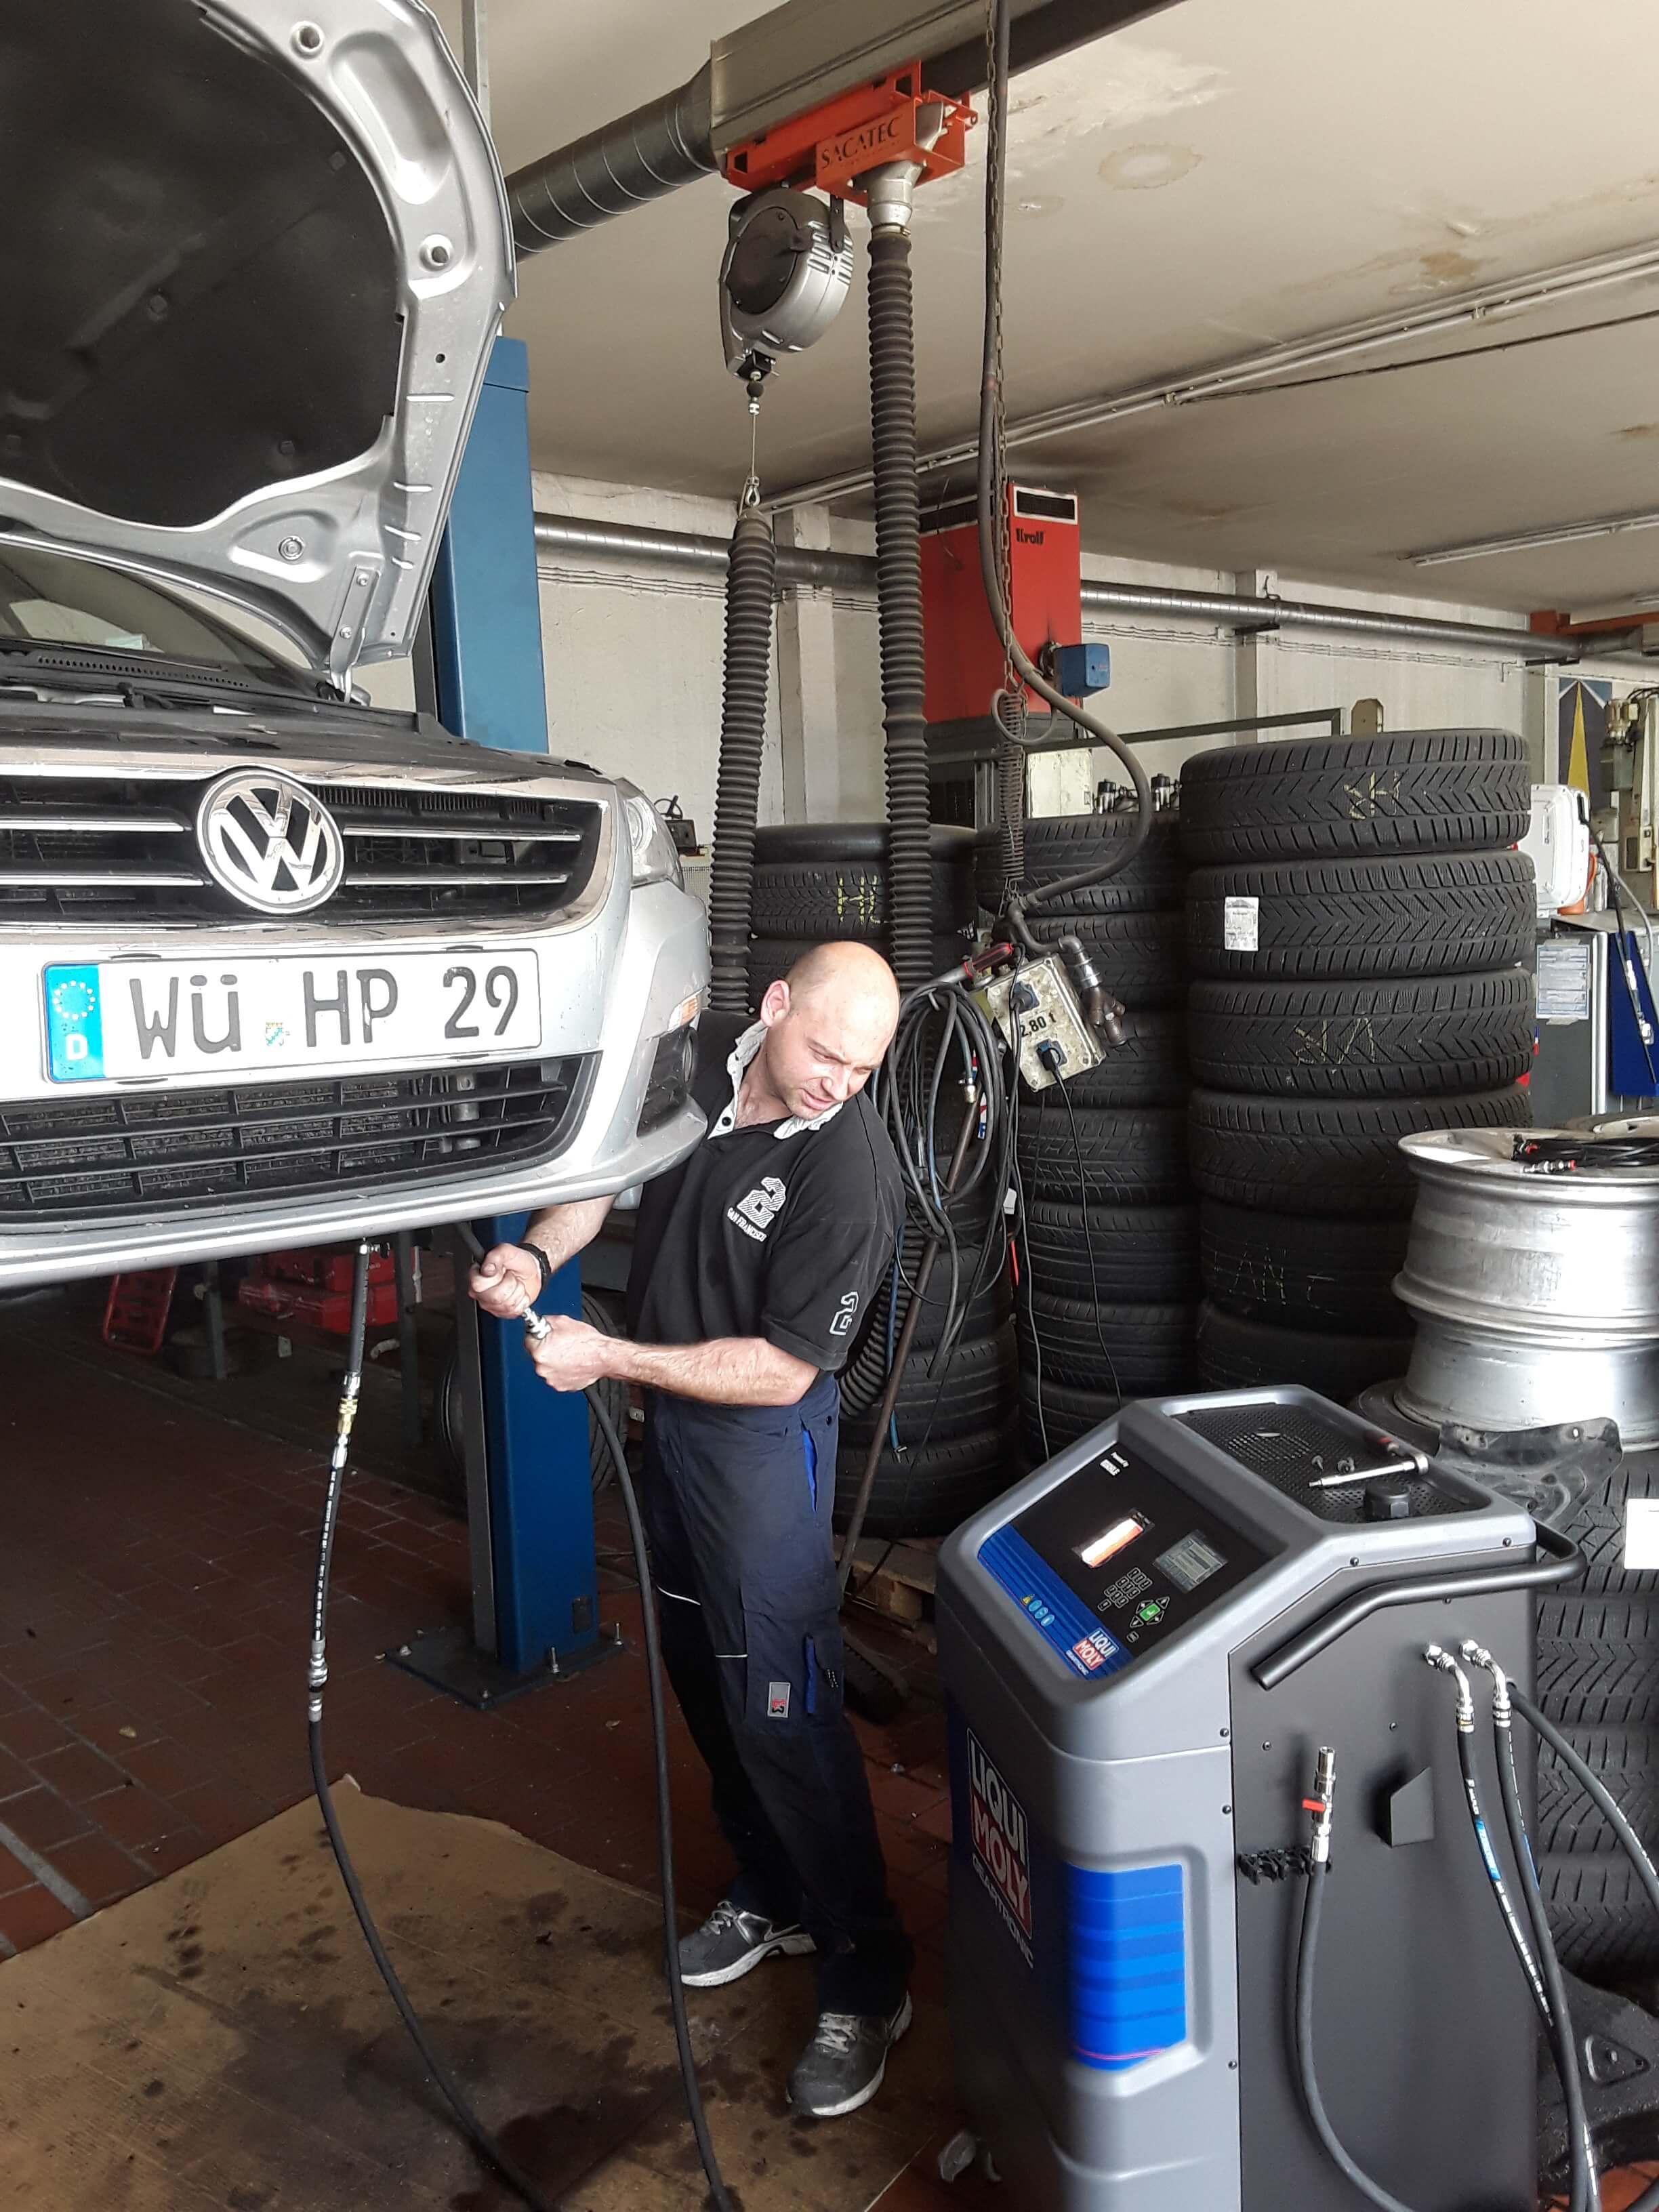 Automatikgetriebeöl wechsel würzburg, Automatikgetriebe Ölspülung würzburg, Automatikgetriebe Spülung Würzburg